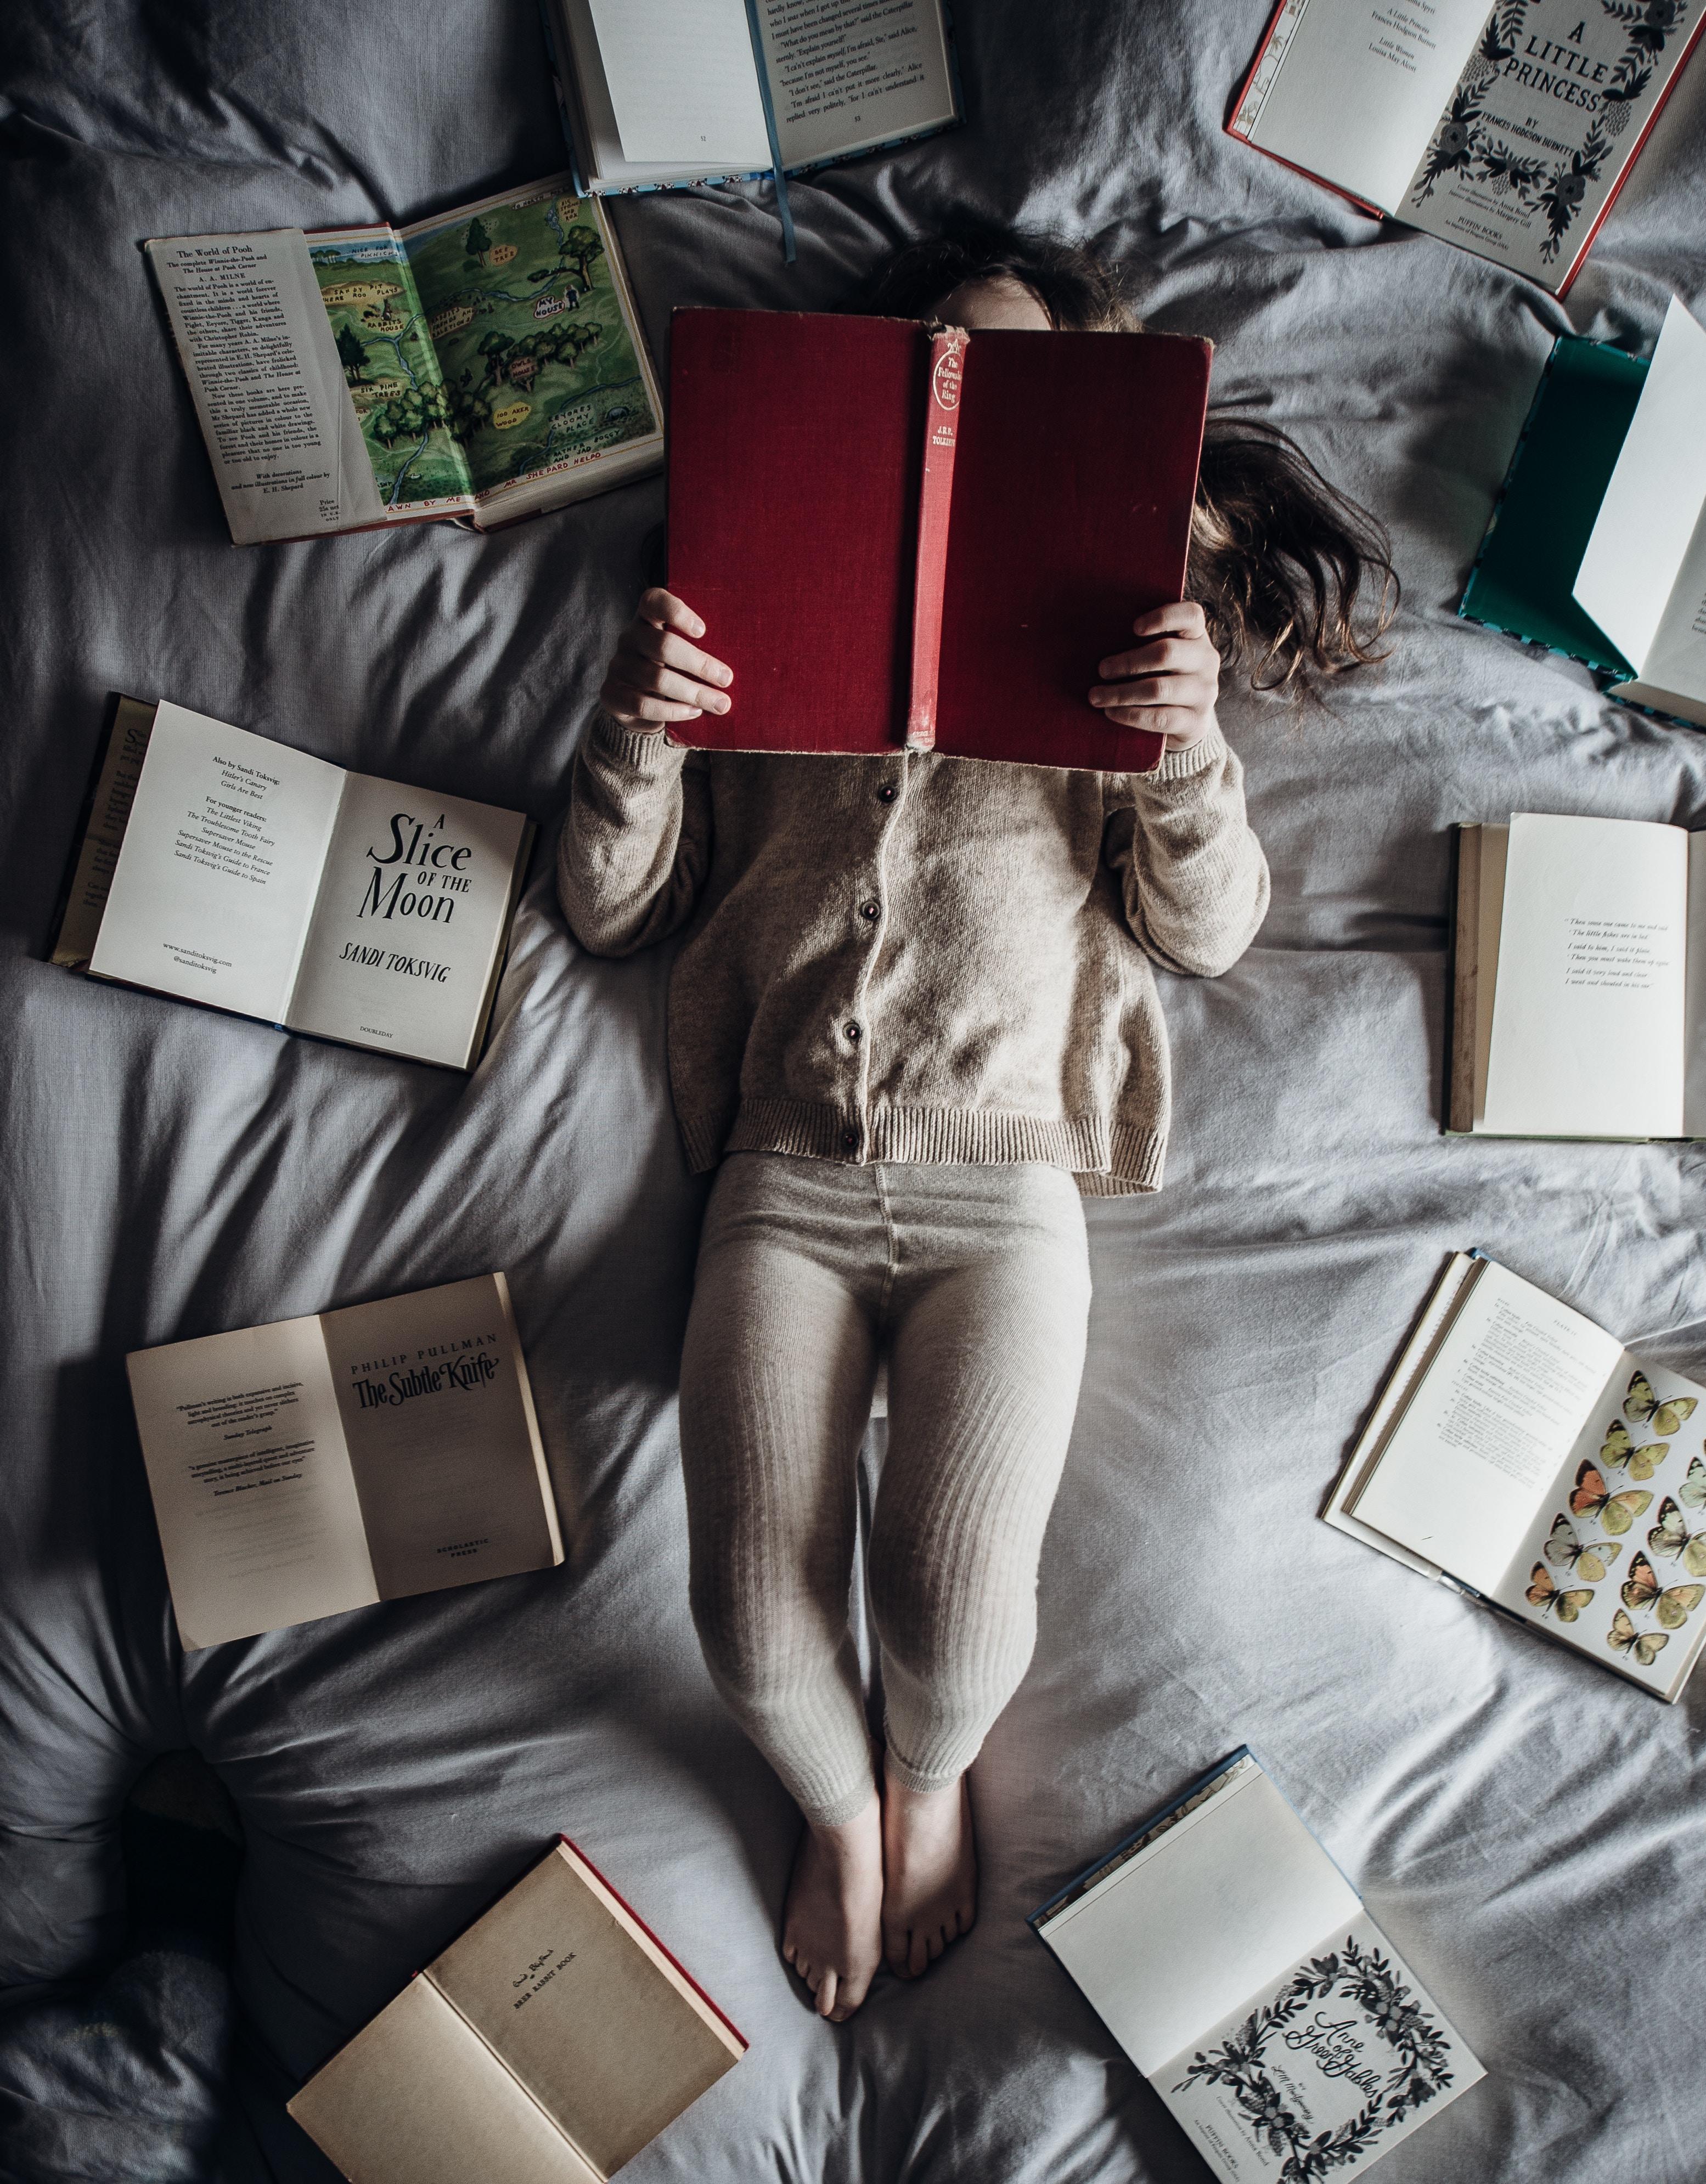 Comment la littérature contemporaine attise la soif d'apprendre ?